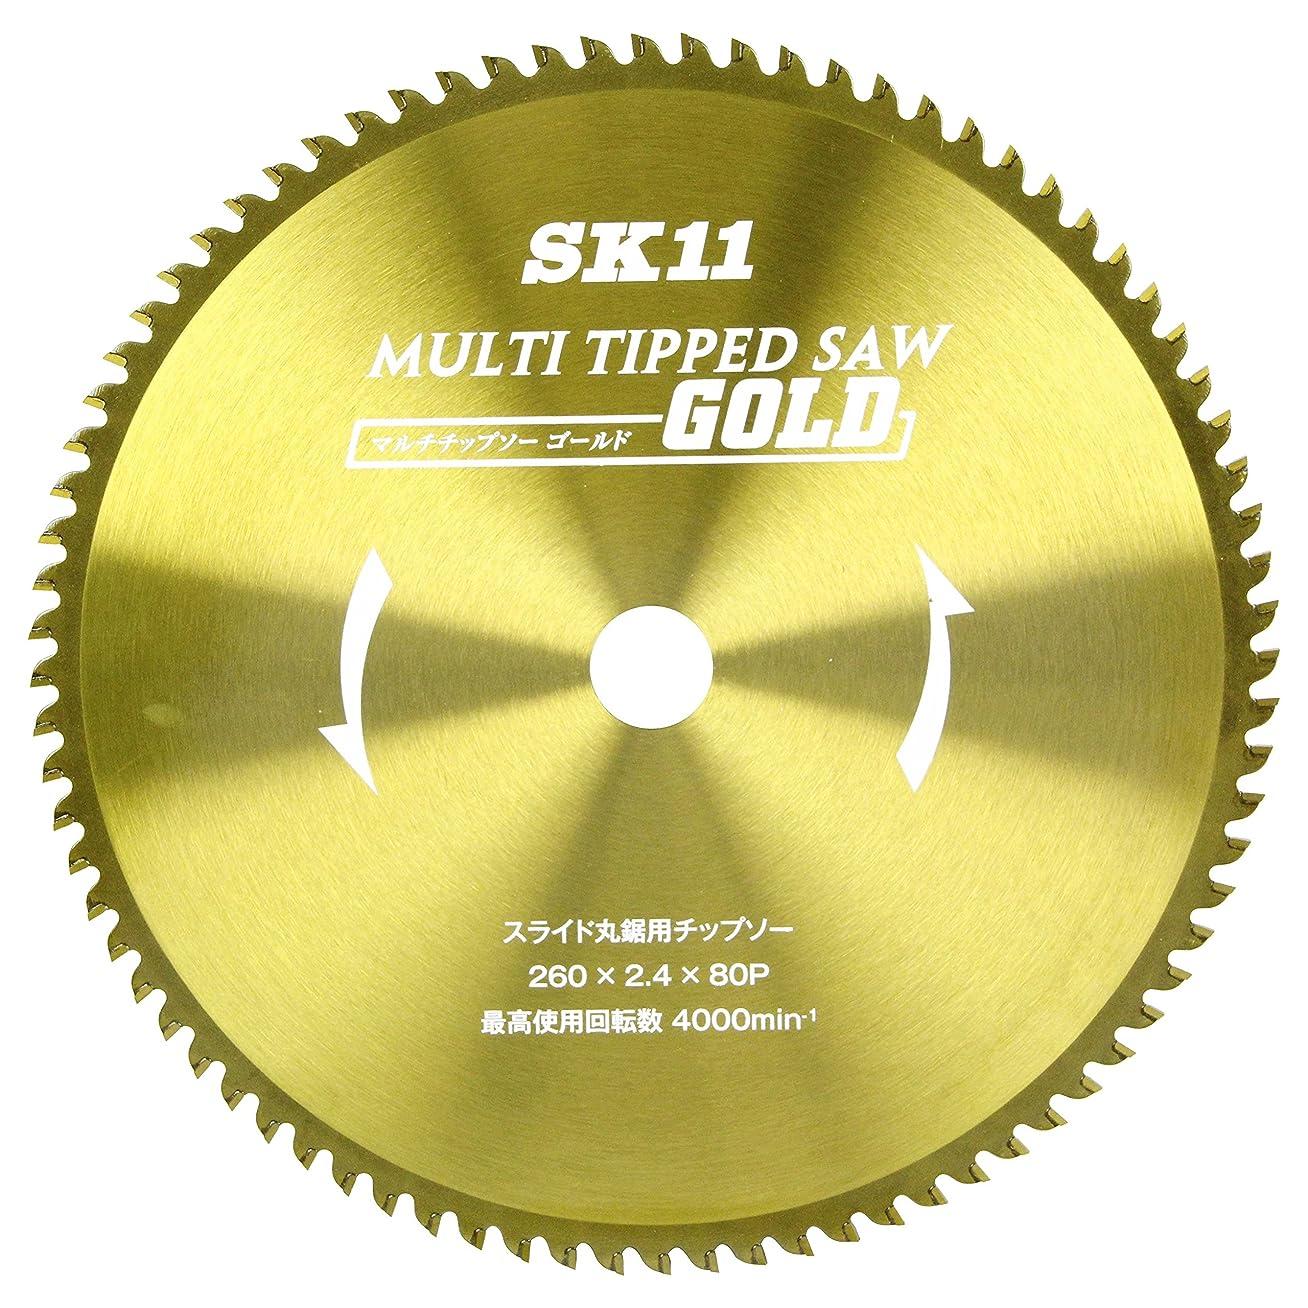 渦生まれ十分なSK11 マルチチップソー GOLD スライド丸鋸用 260mm 260X80P